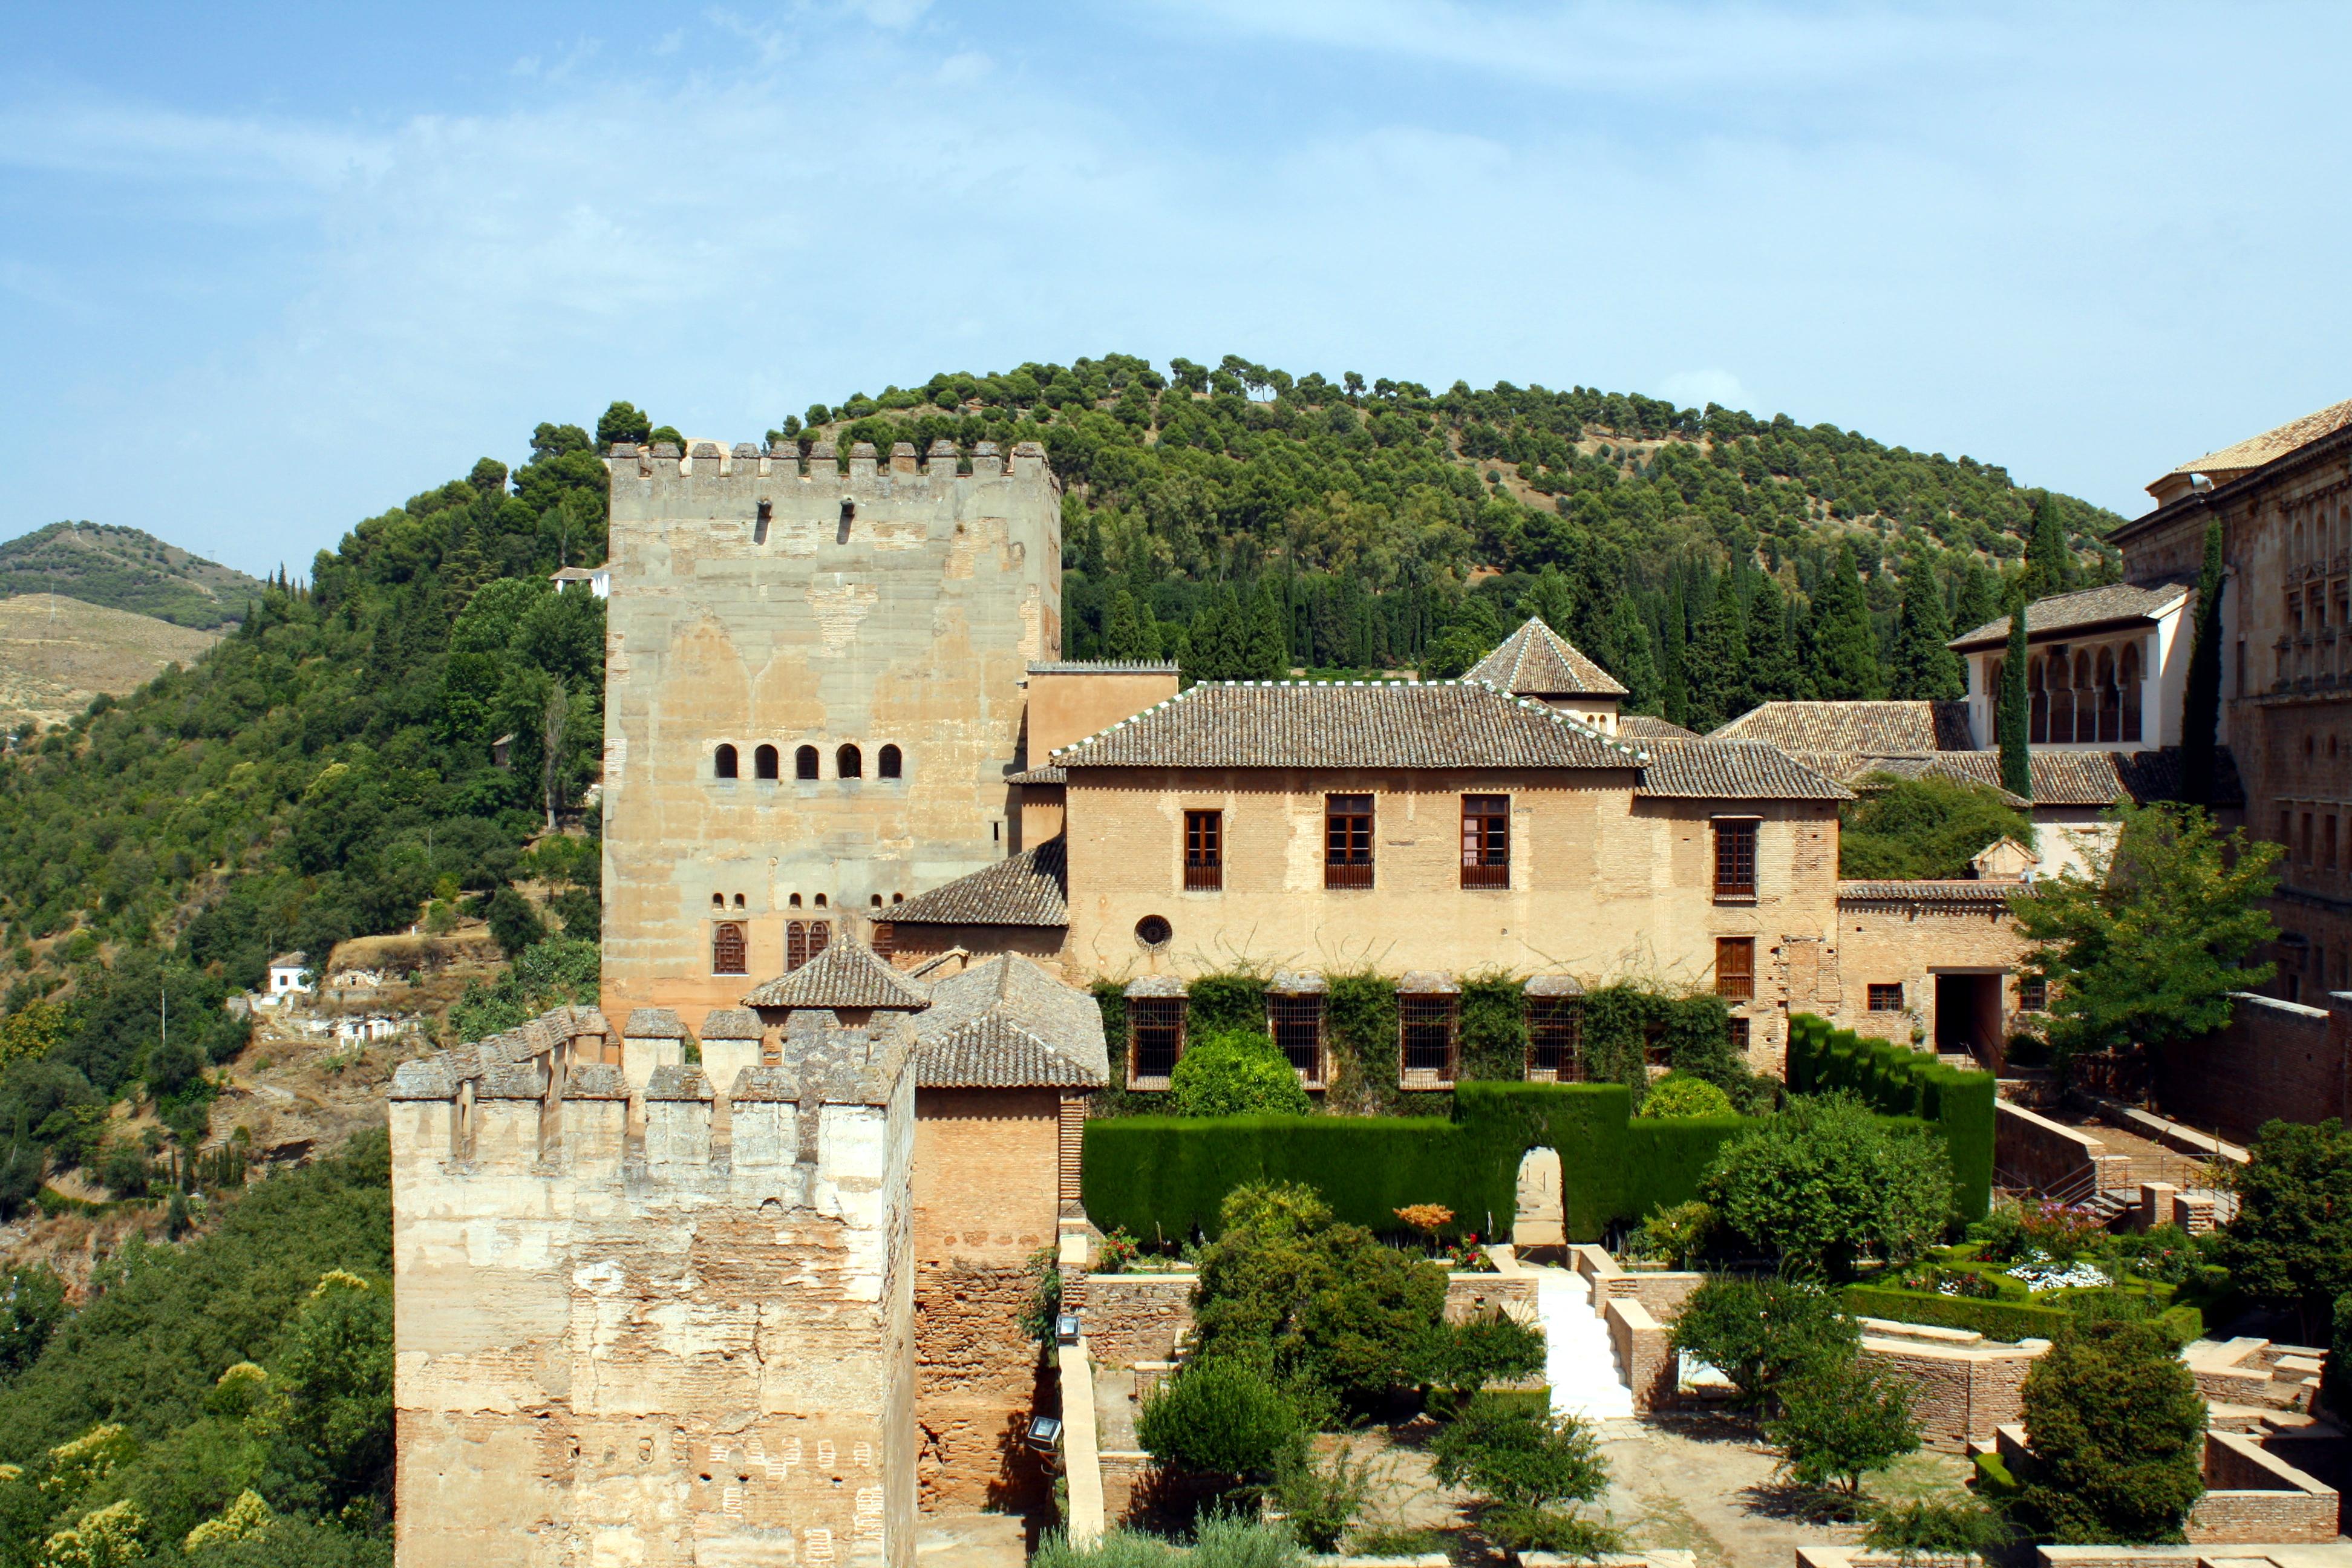 Archivo muralla palacios y jardines de la alhambra jpg for Jardines alhambra